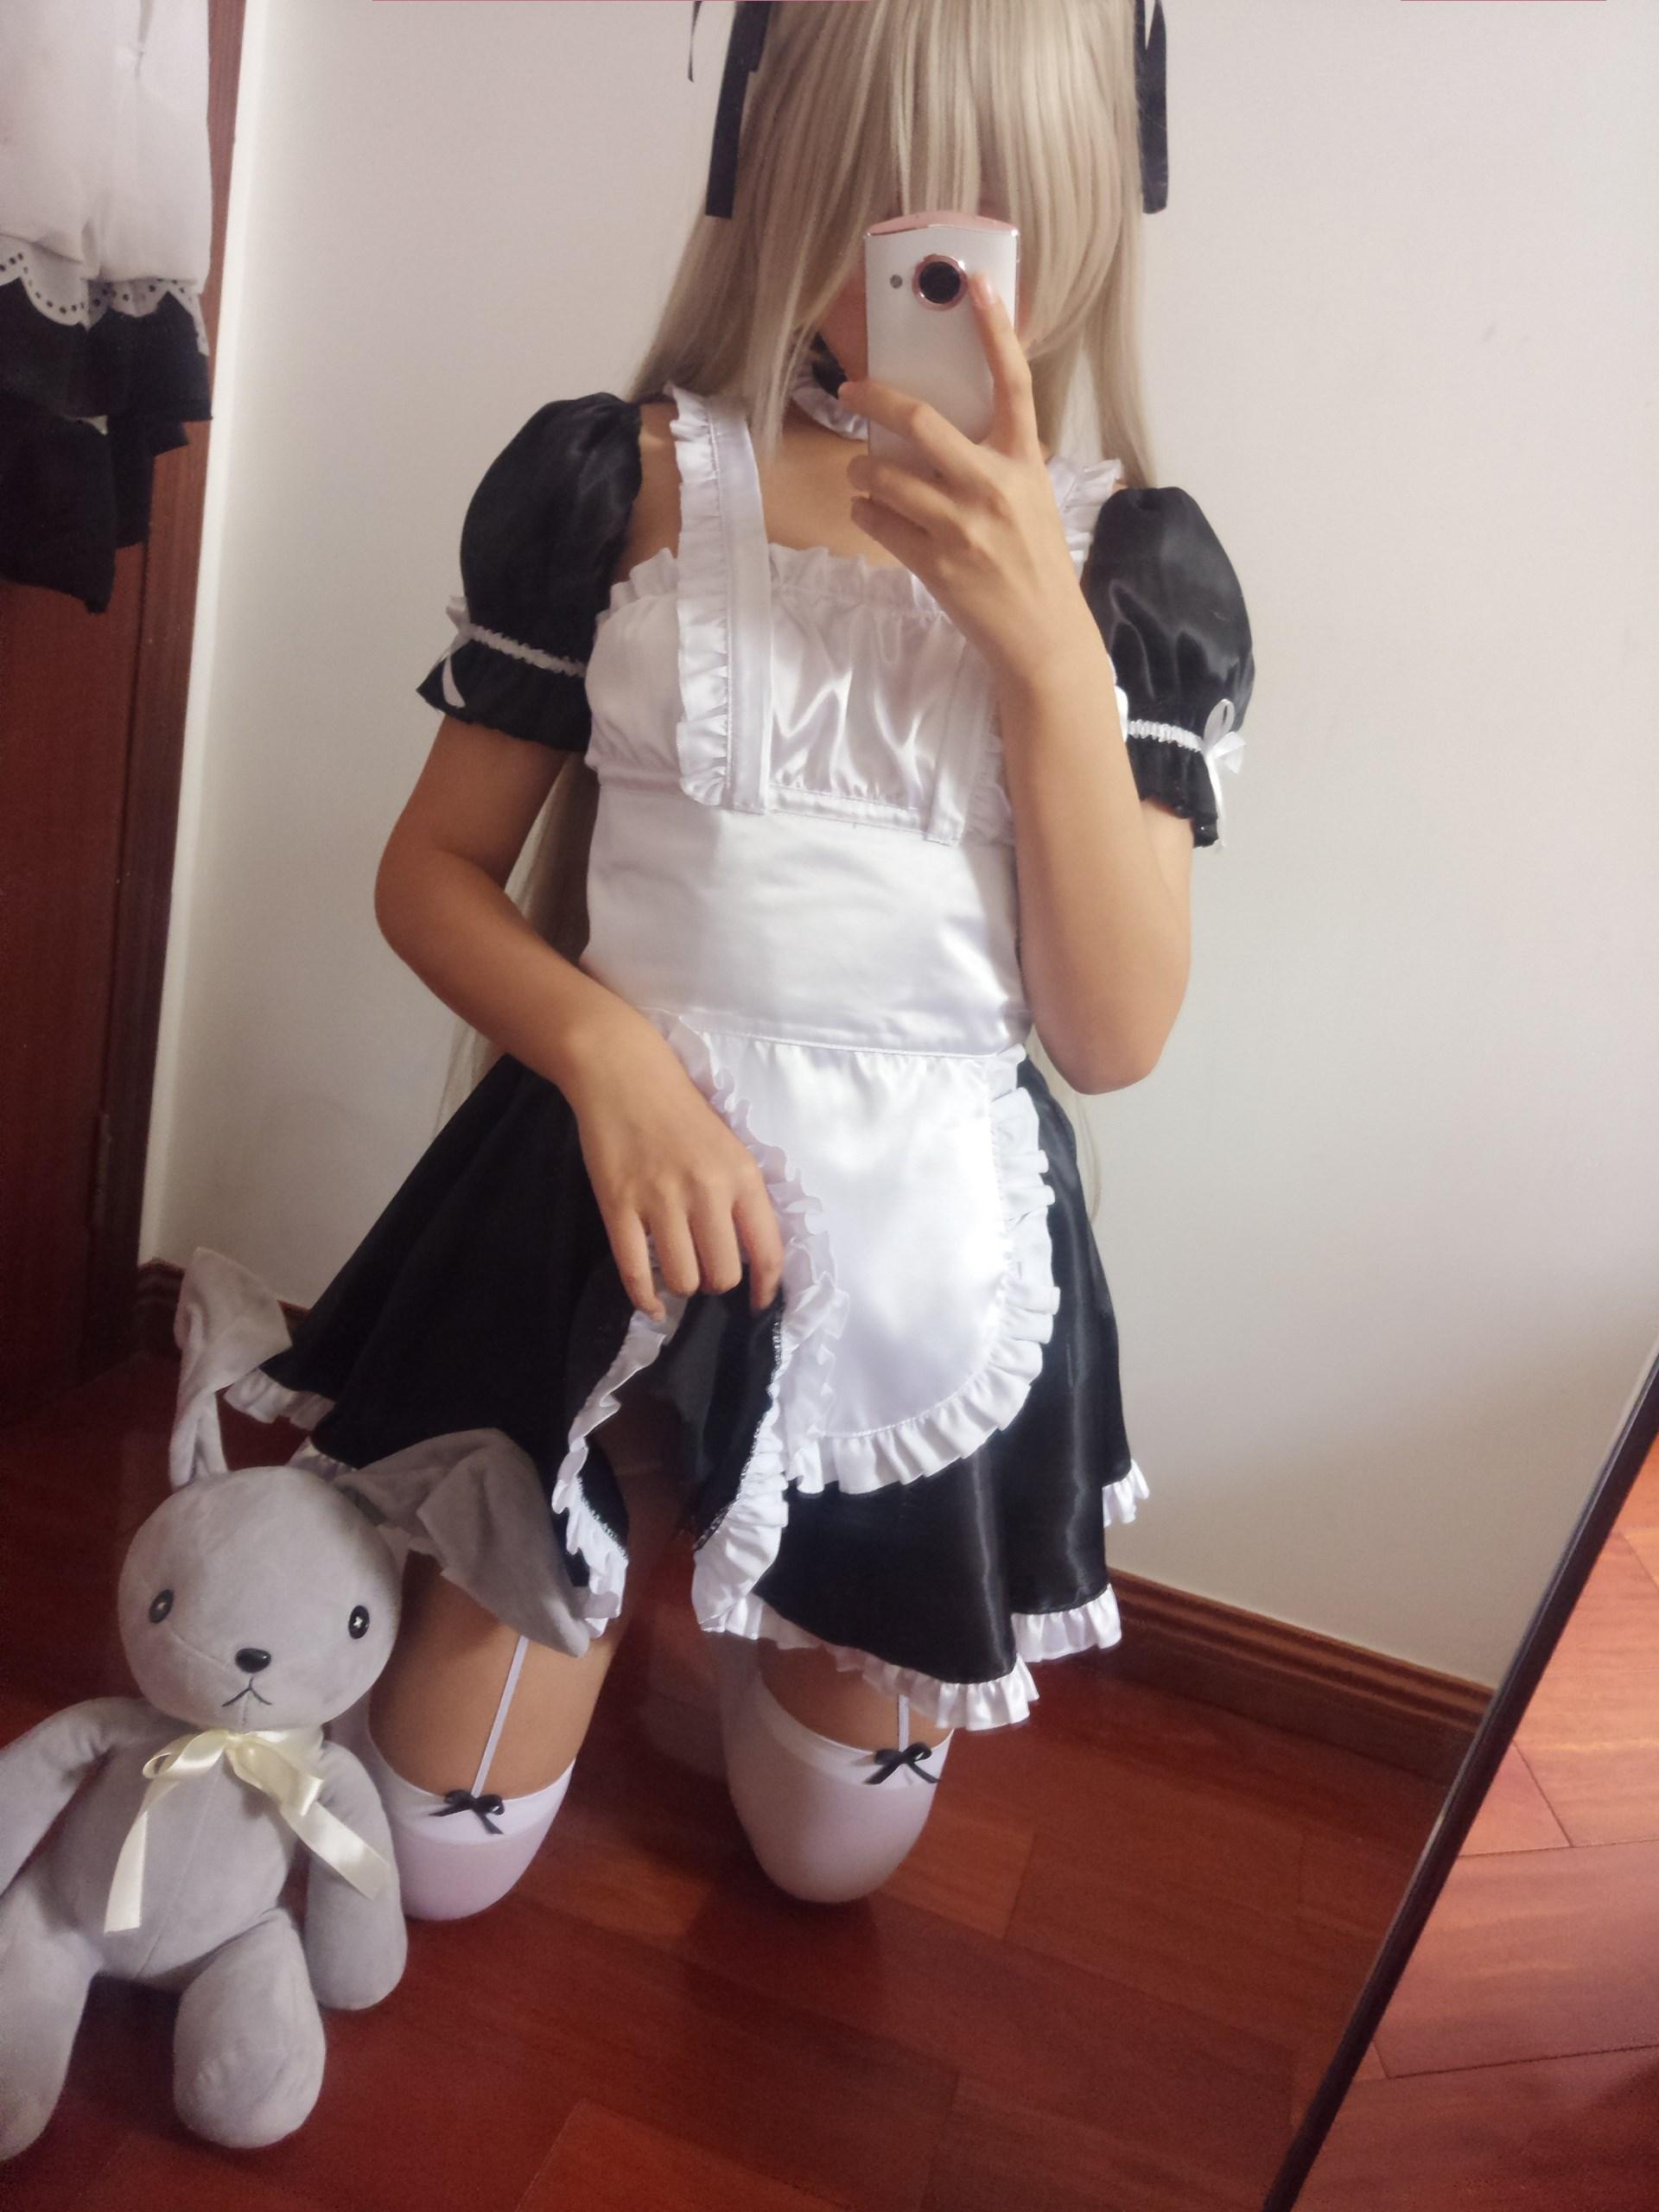 【兔玩映画】萌妹自拍-穹妹女仆装 兔玩映画 第1张